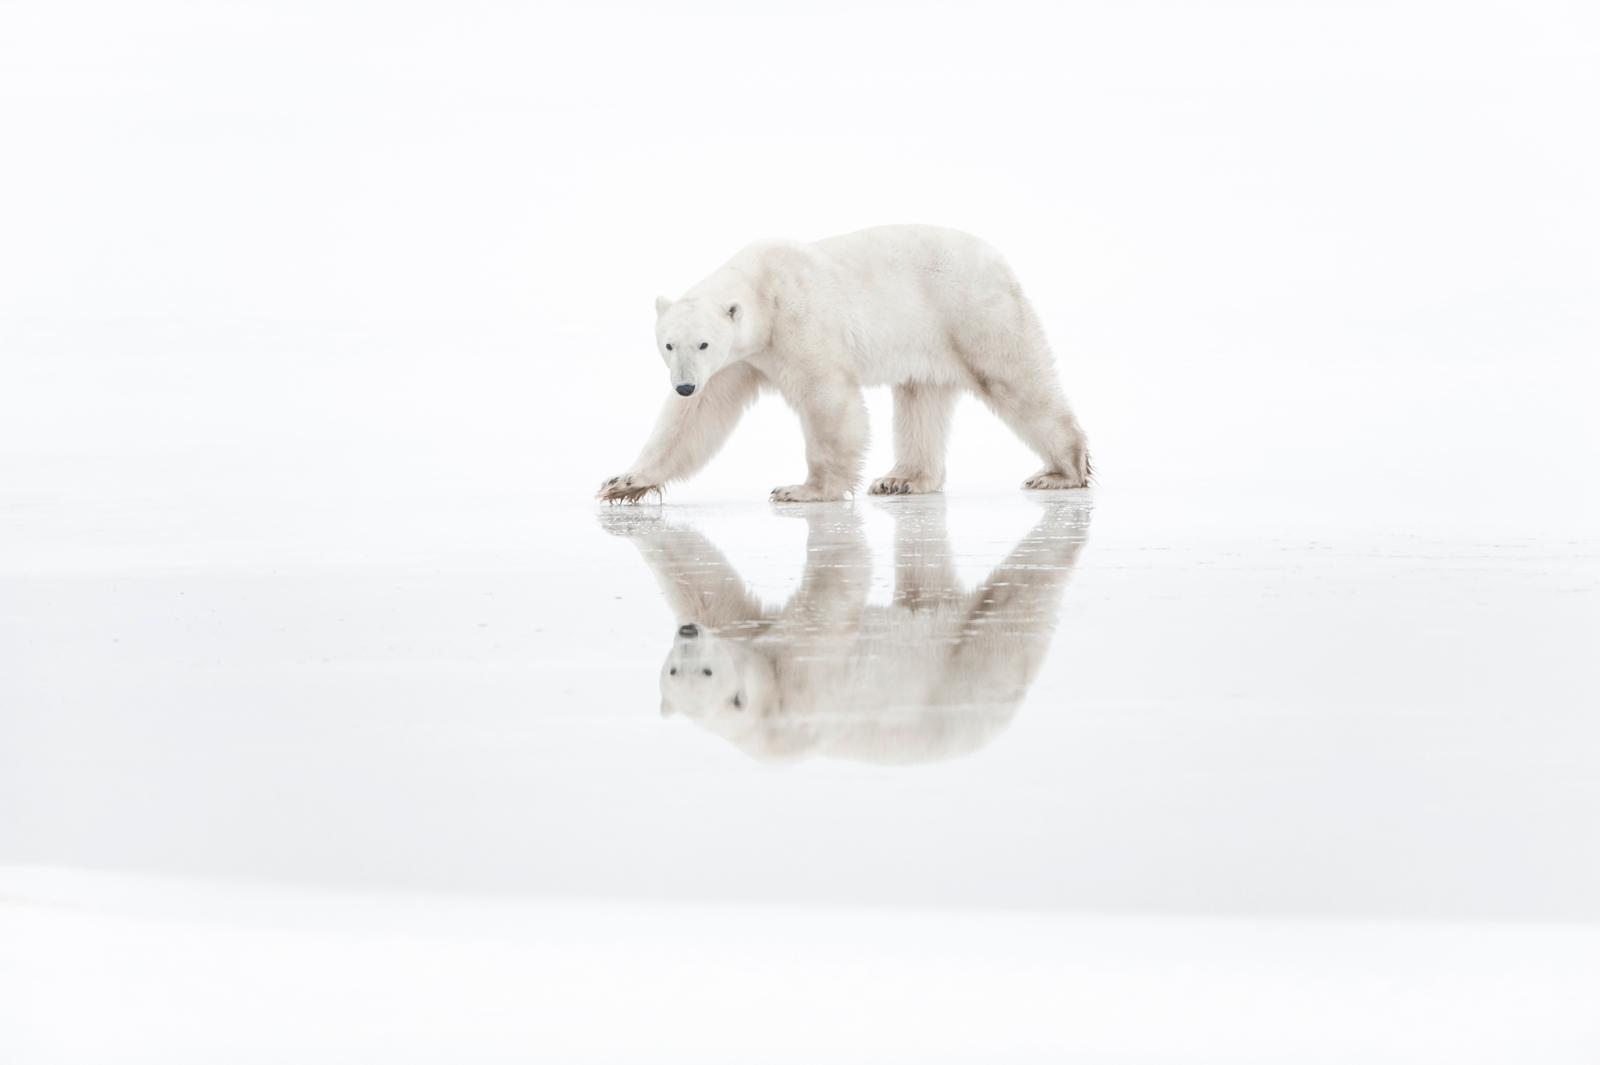 Arctique By Photographer Vincent Munier The Lowepro Blog